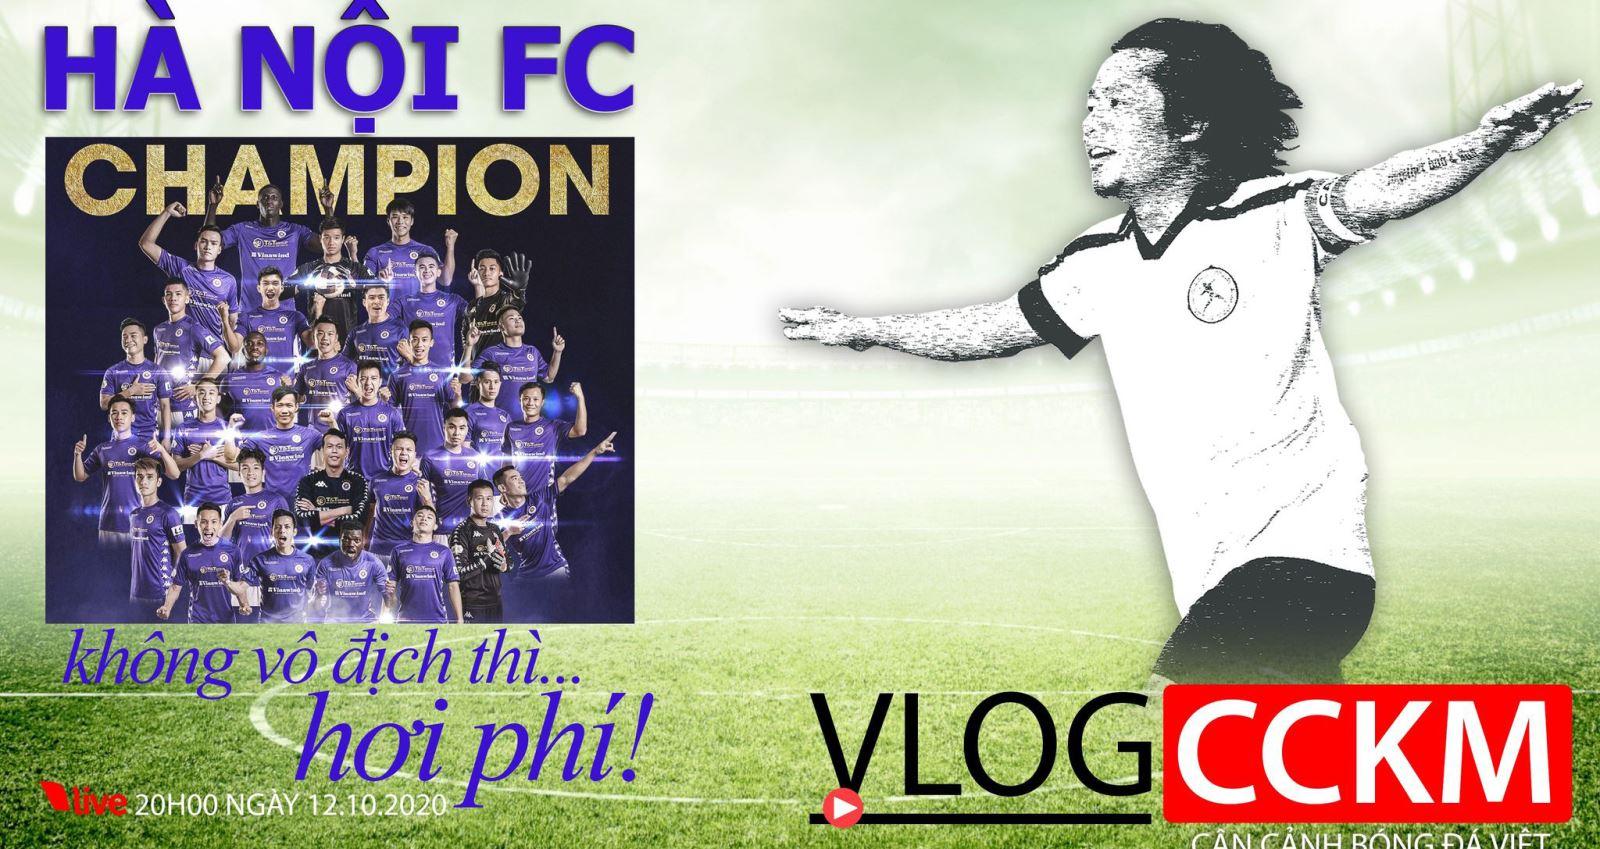 V-League, CCKM, Trần Hải, Hà Nội FC, bóng đá Việt, lịch thi đấu bóng đá, lịch thi đấu V-League